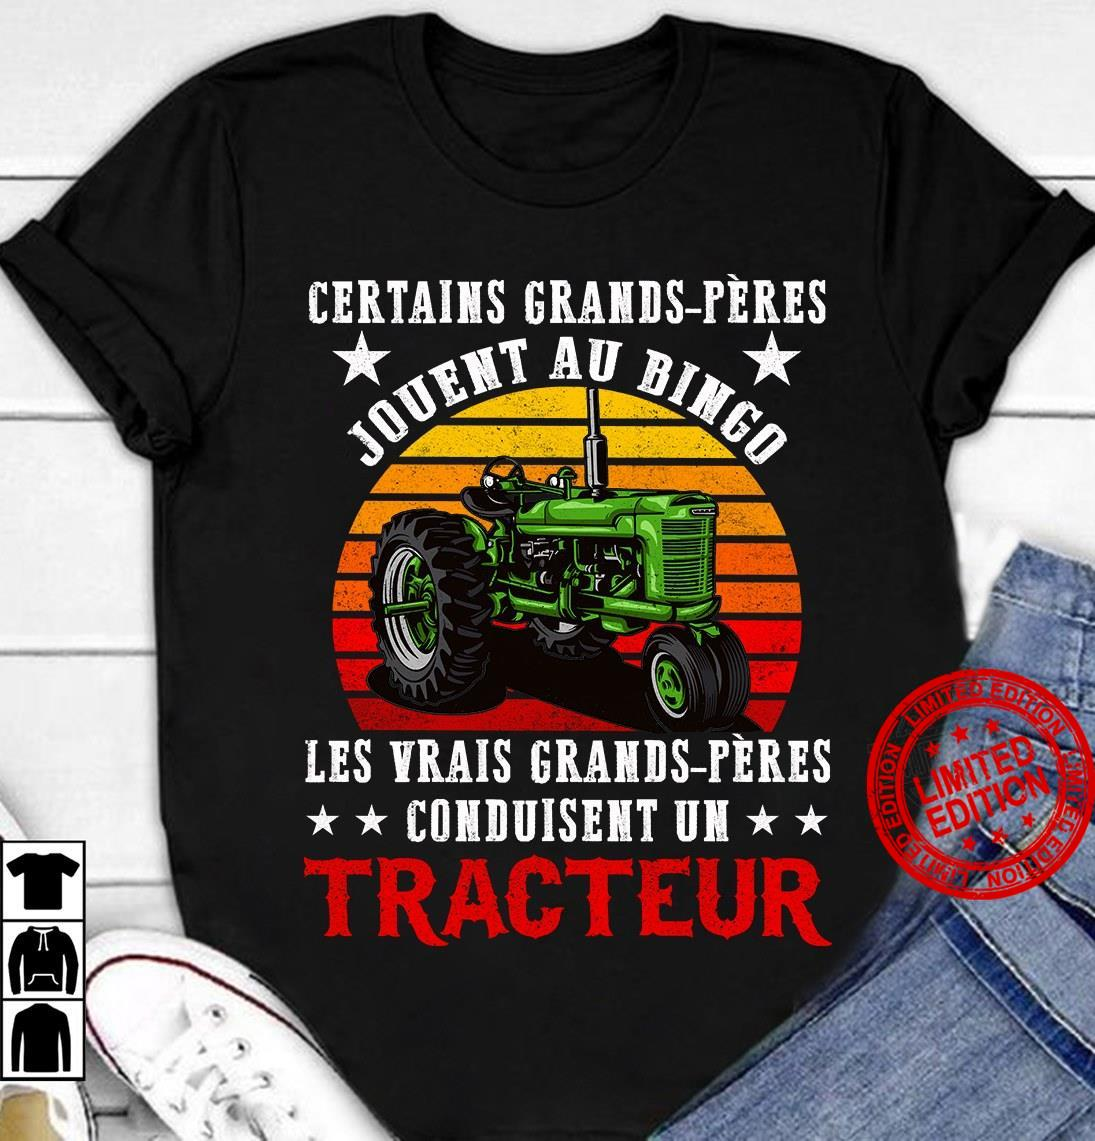 Certains Grands Peres Jouent Au Bingo Les Vrais Grands Peres Couduisent Un Tracteur Shirt